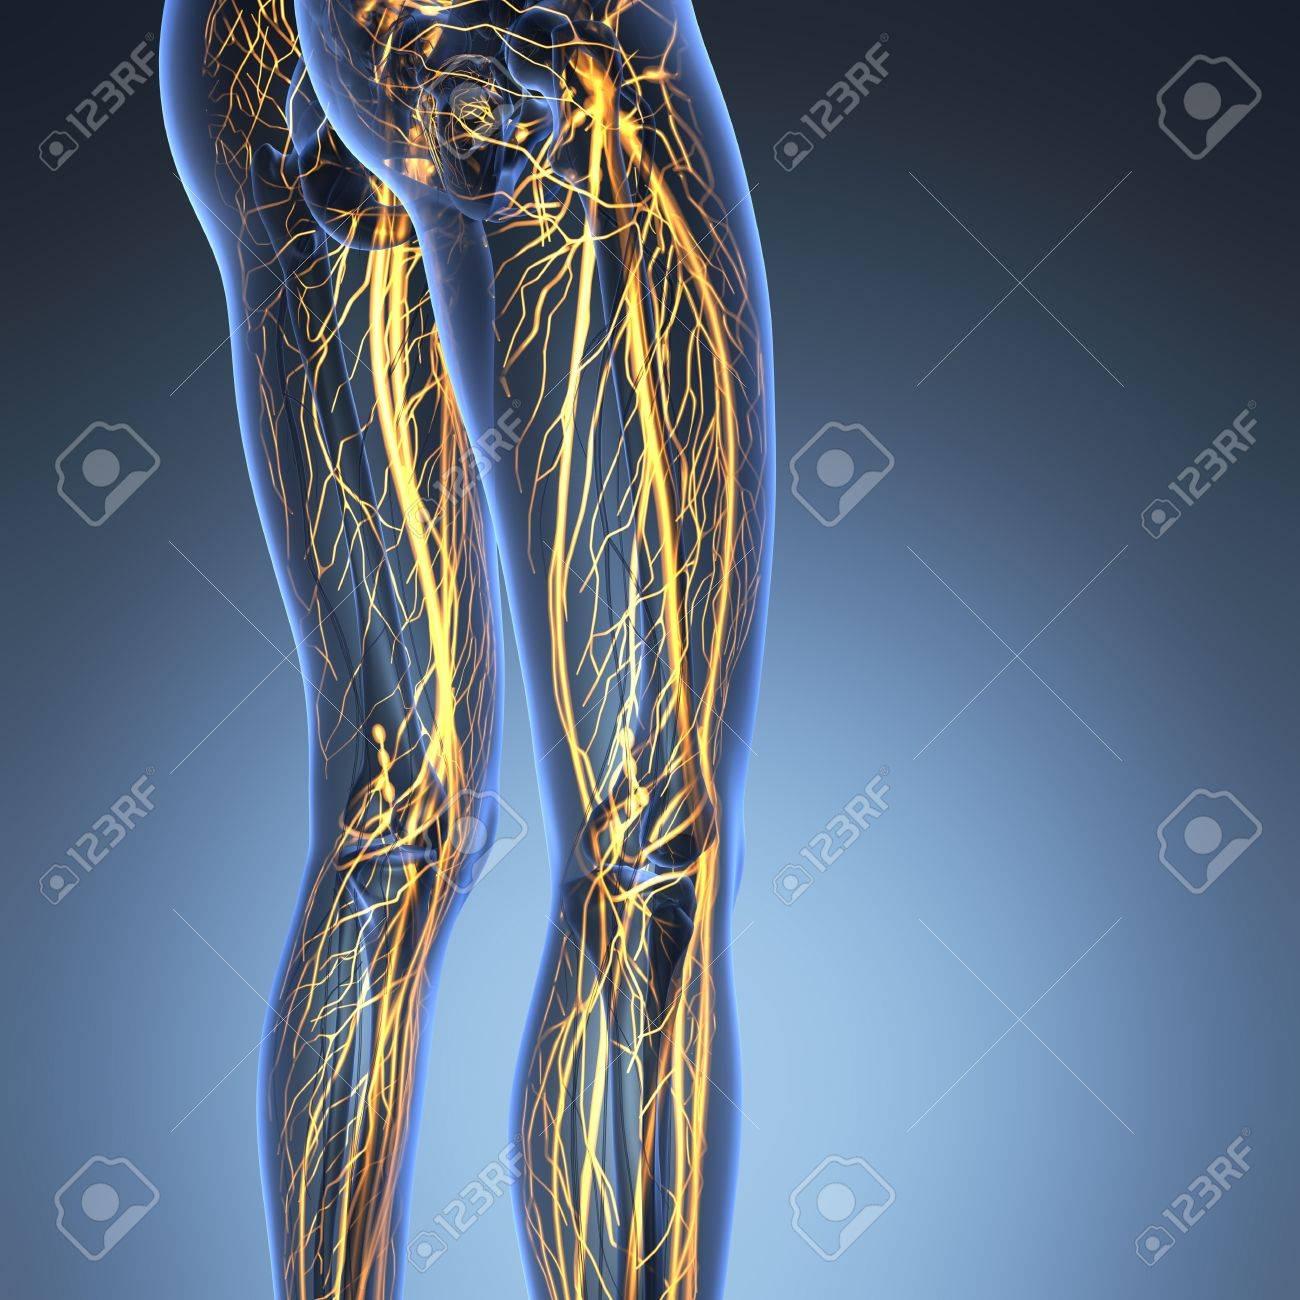 Wissenschaft Anatomie Des Menschlichen Körpers In X-ray Mit Glow ...